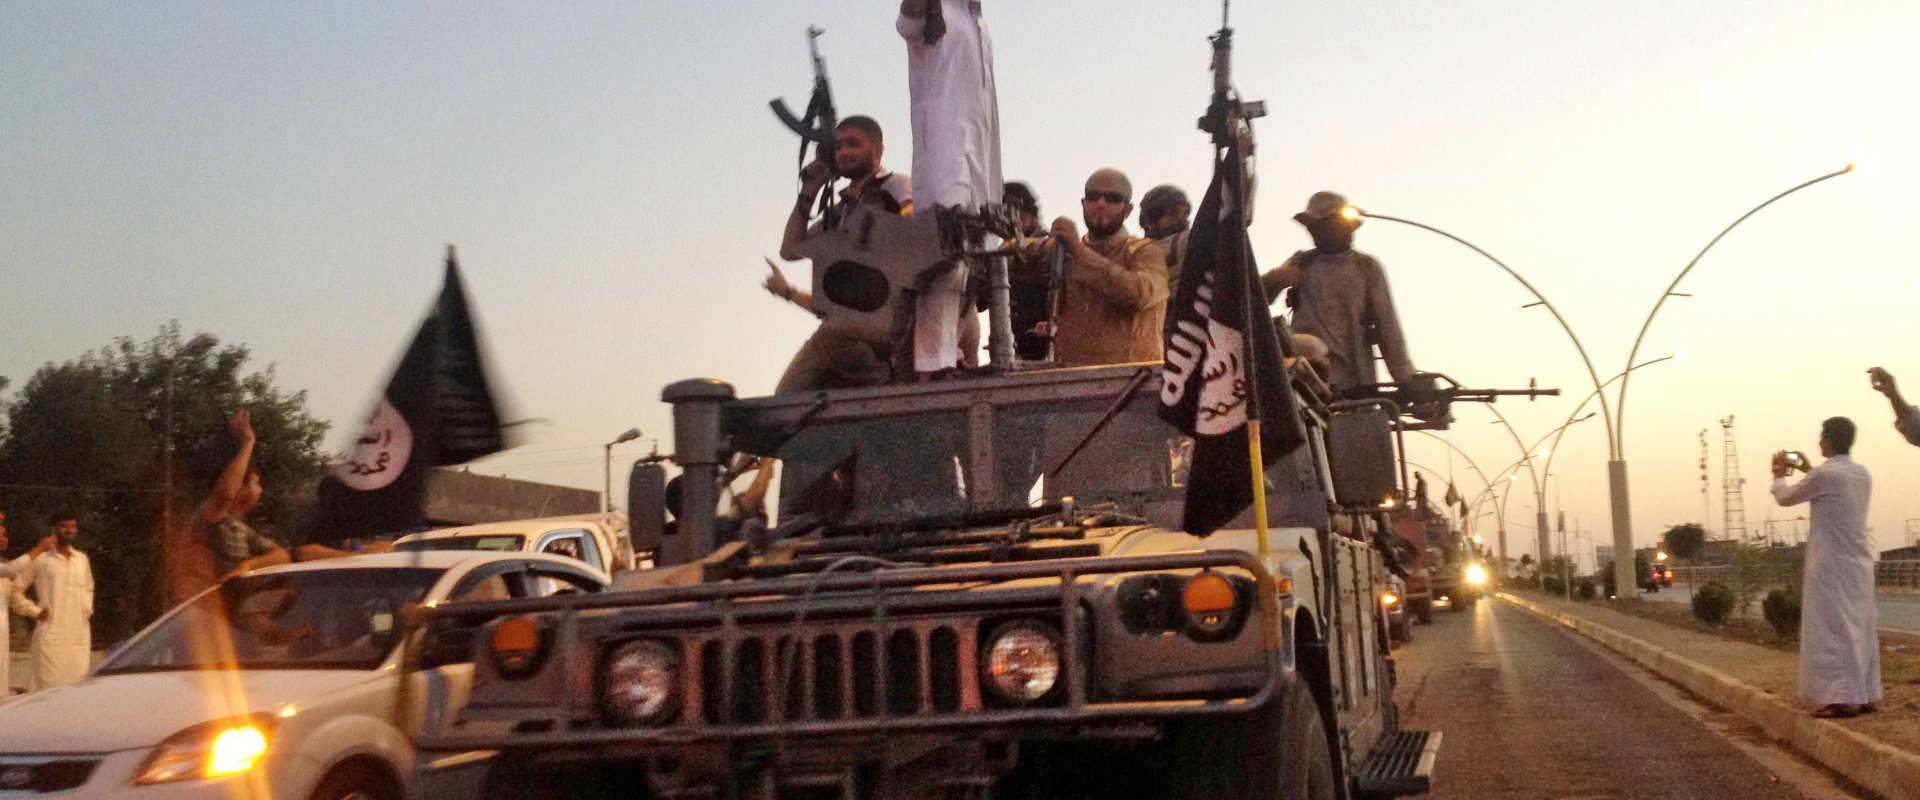 לוחמי דאעש במוסול, 2014